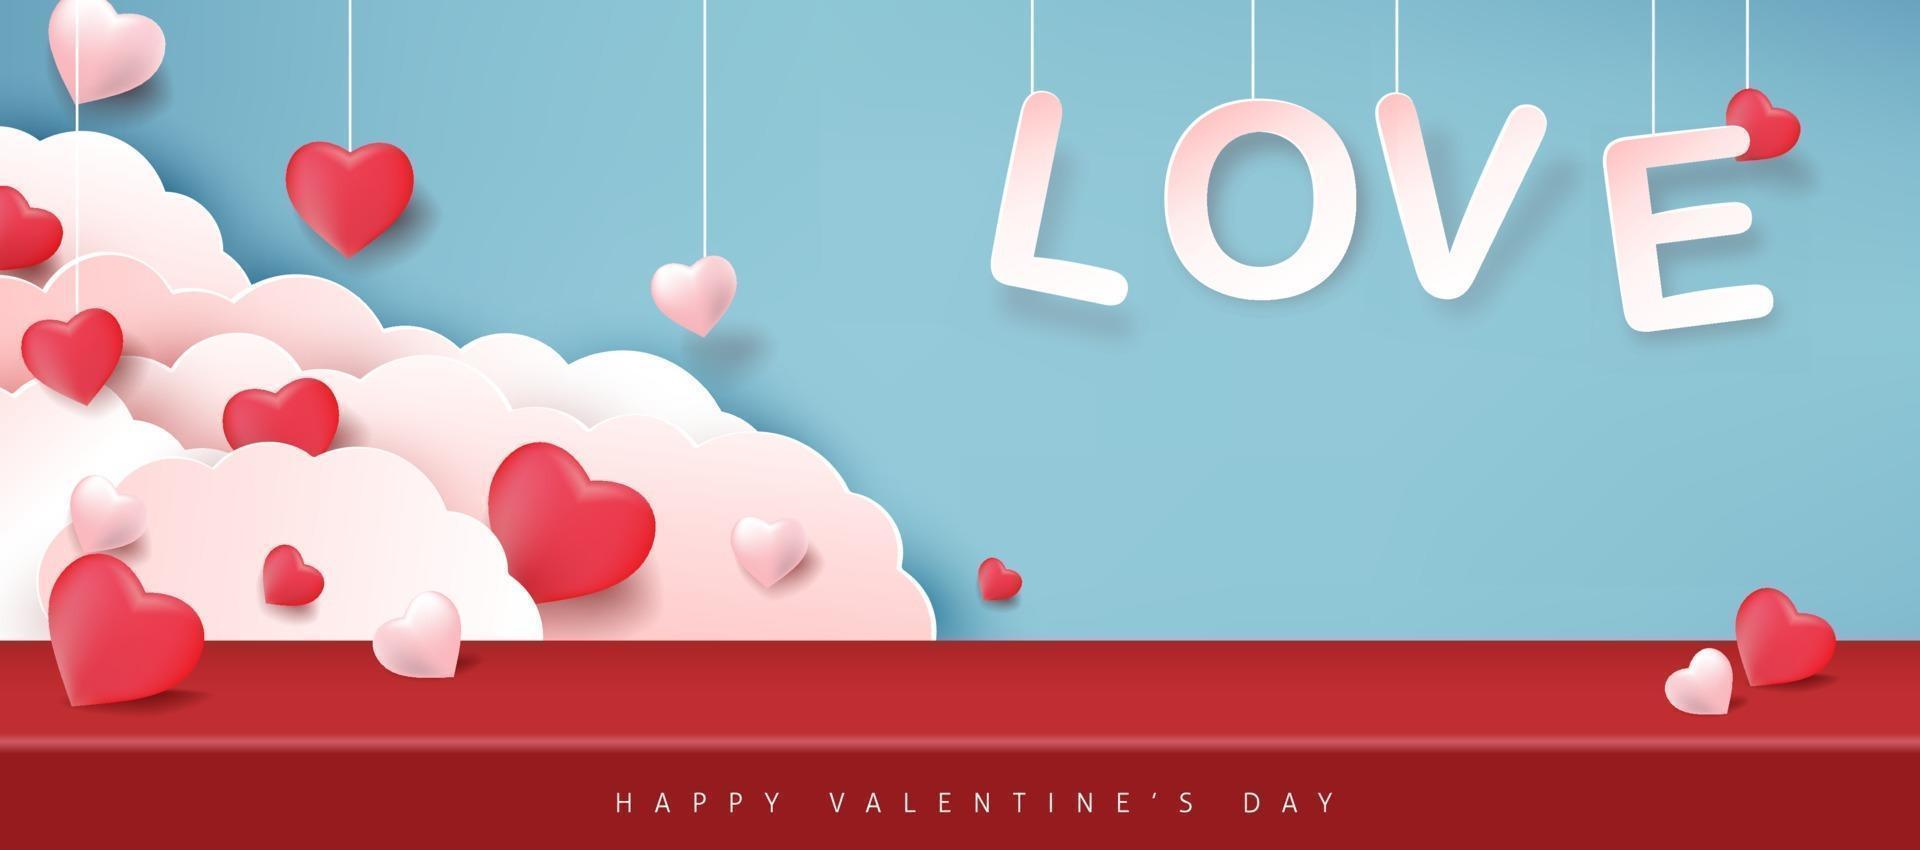 Valentinstag Hintergrund mit hängenden Liebe Text, Herzen und Wolken vektor